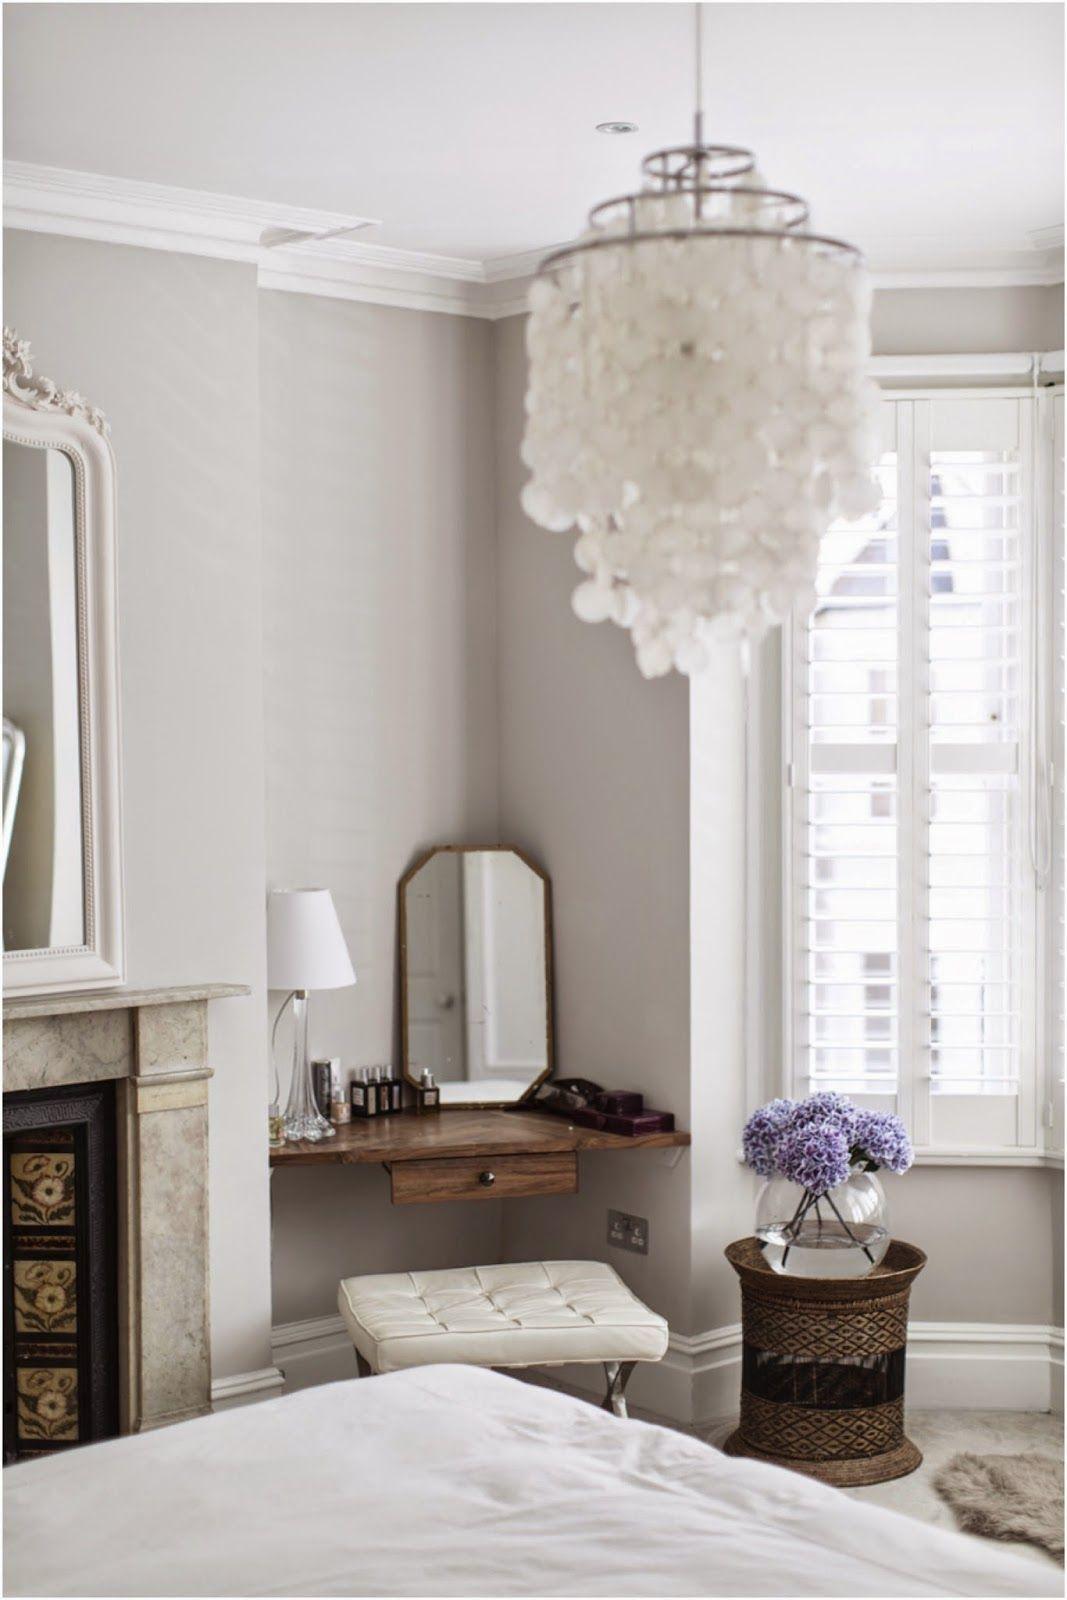 wohnen in wei 3 tipps frisch w nde und einfach. Black Bedroom Furniture Sets. Home Design Ideas